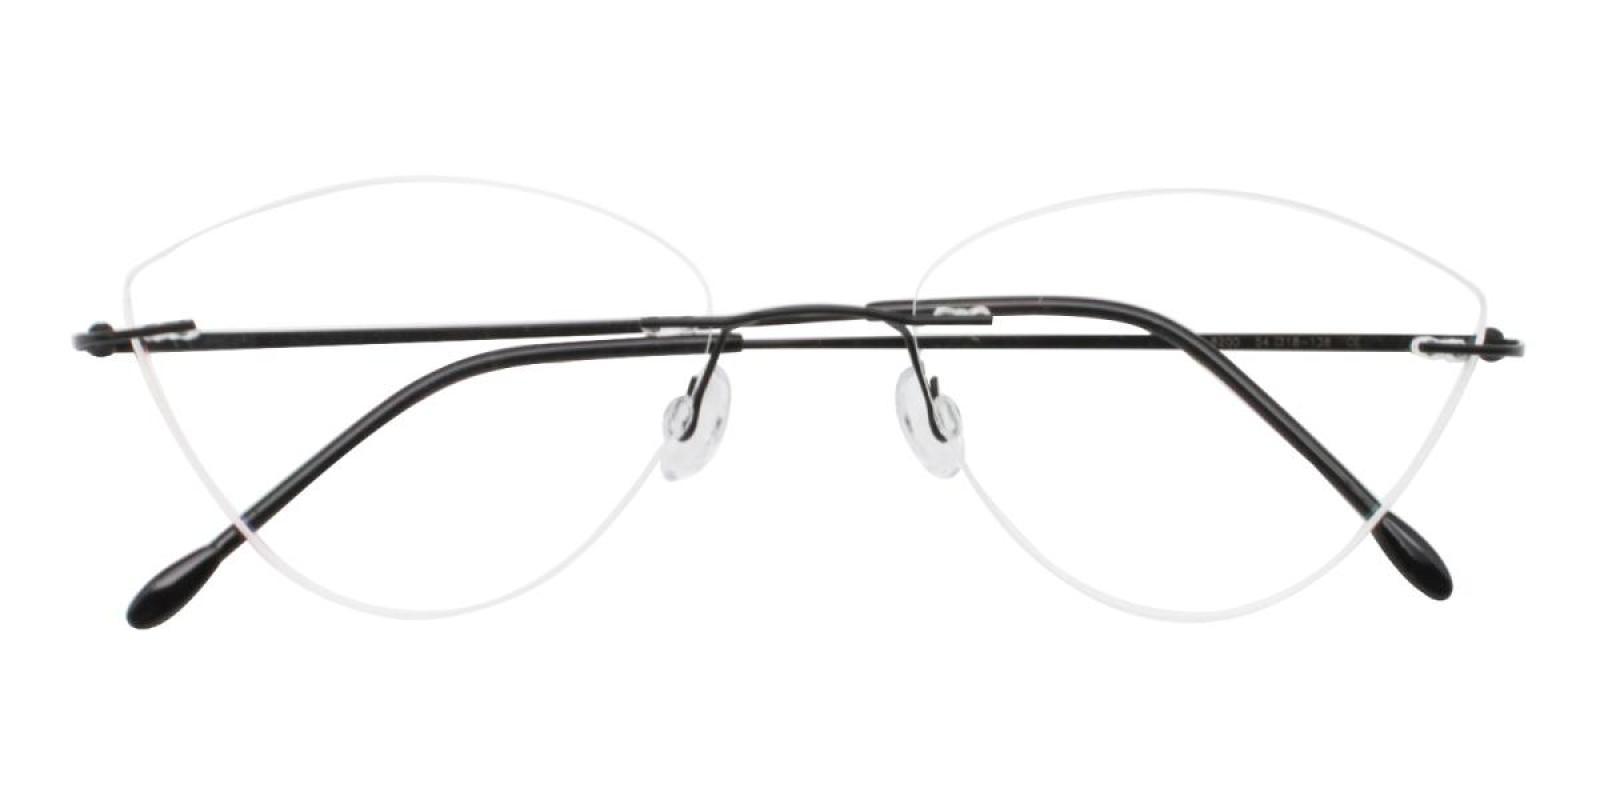 Huram-Black-Cat / Varieties-Metal-Eyeglasses-detail